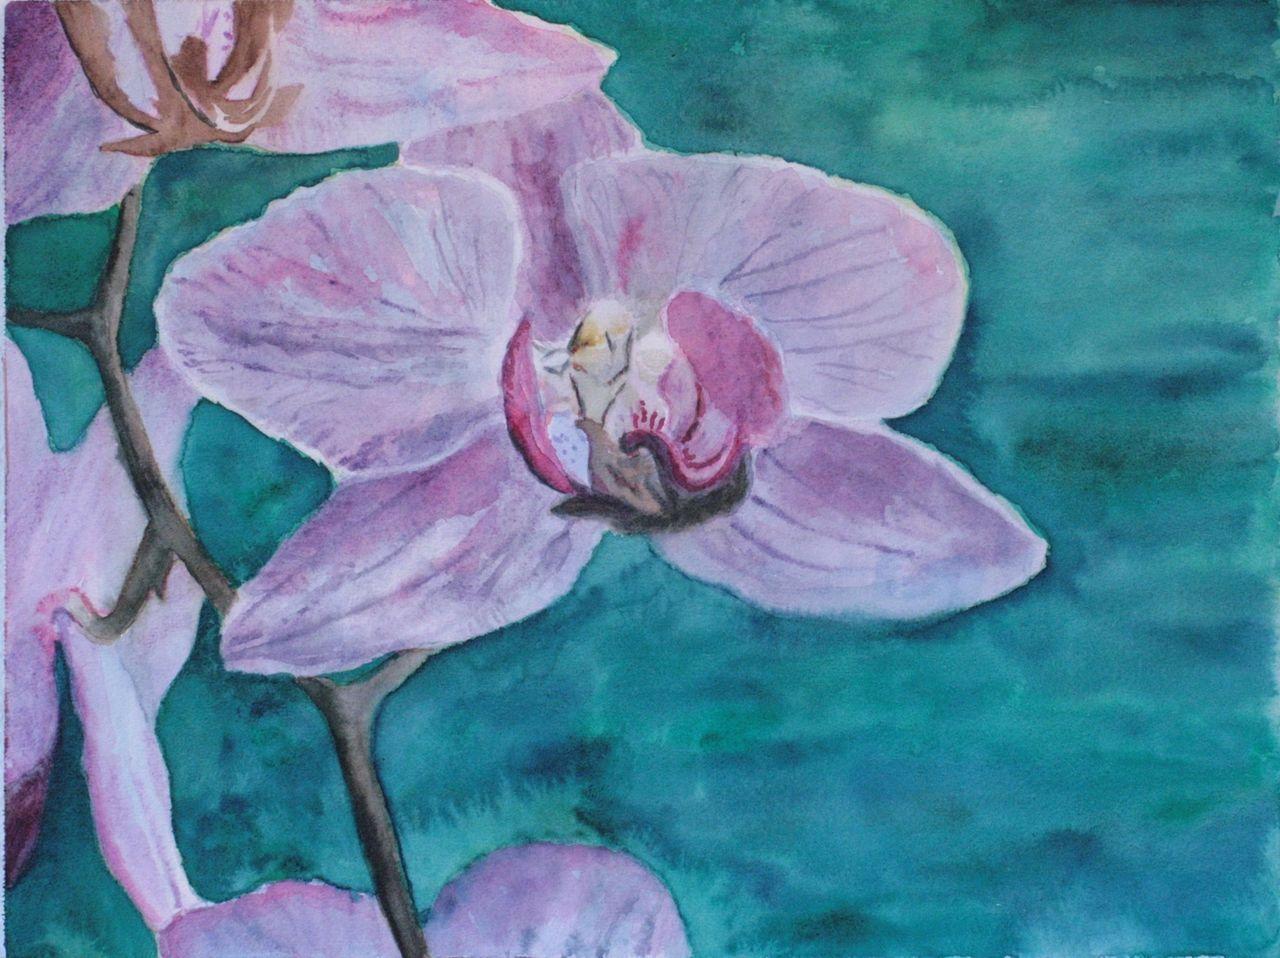 bild stiel bl te blumen orchidee von kruemel1 bei kunstnet. Black Bedroom Furniture Sets. Home Design Ideas